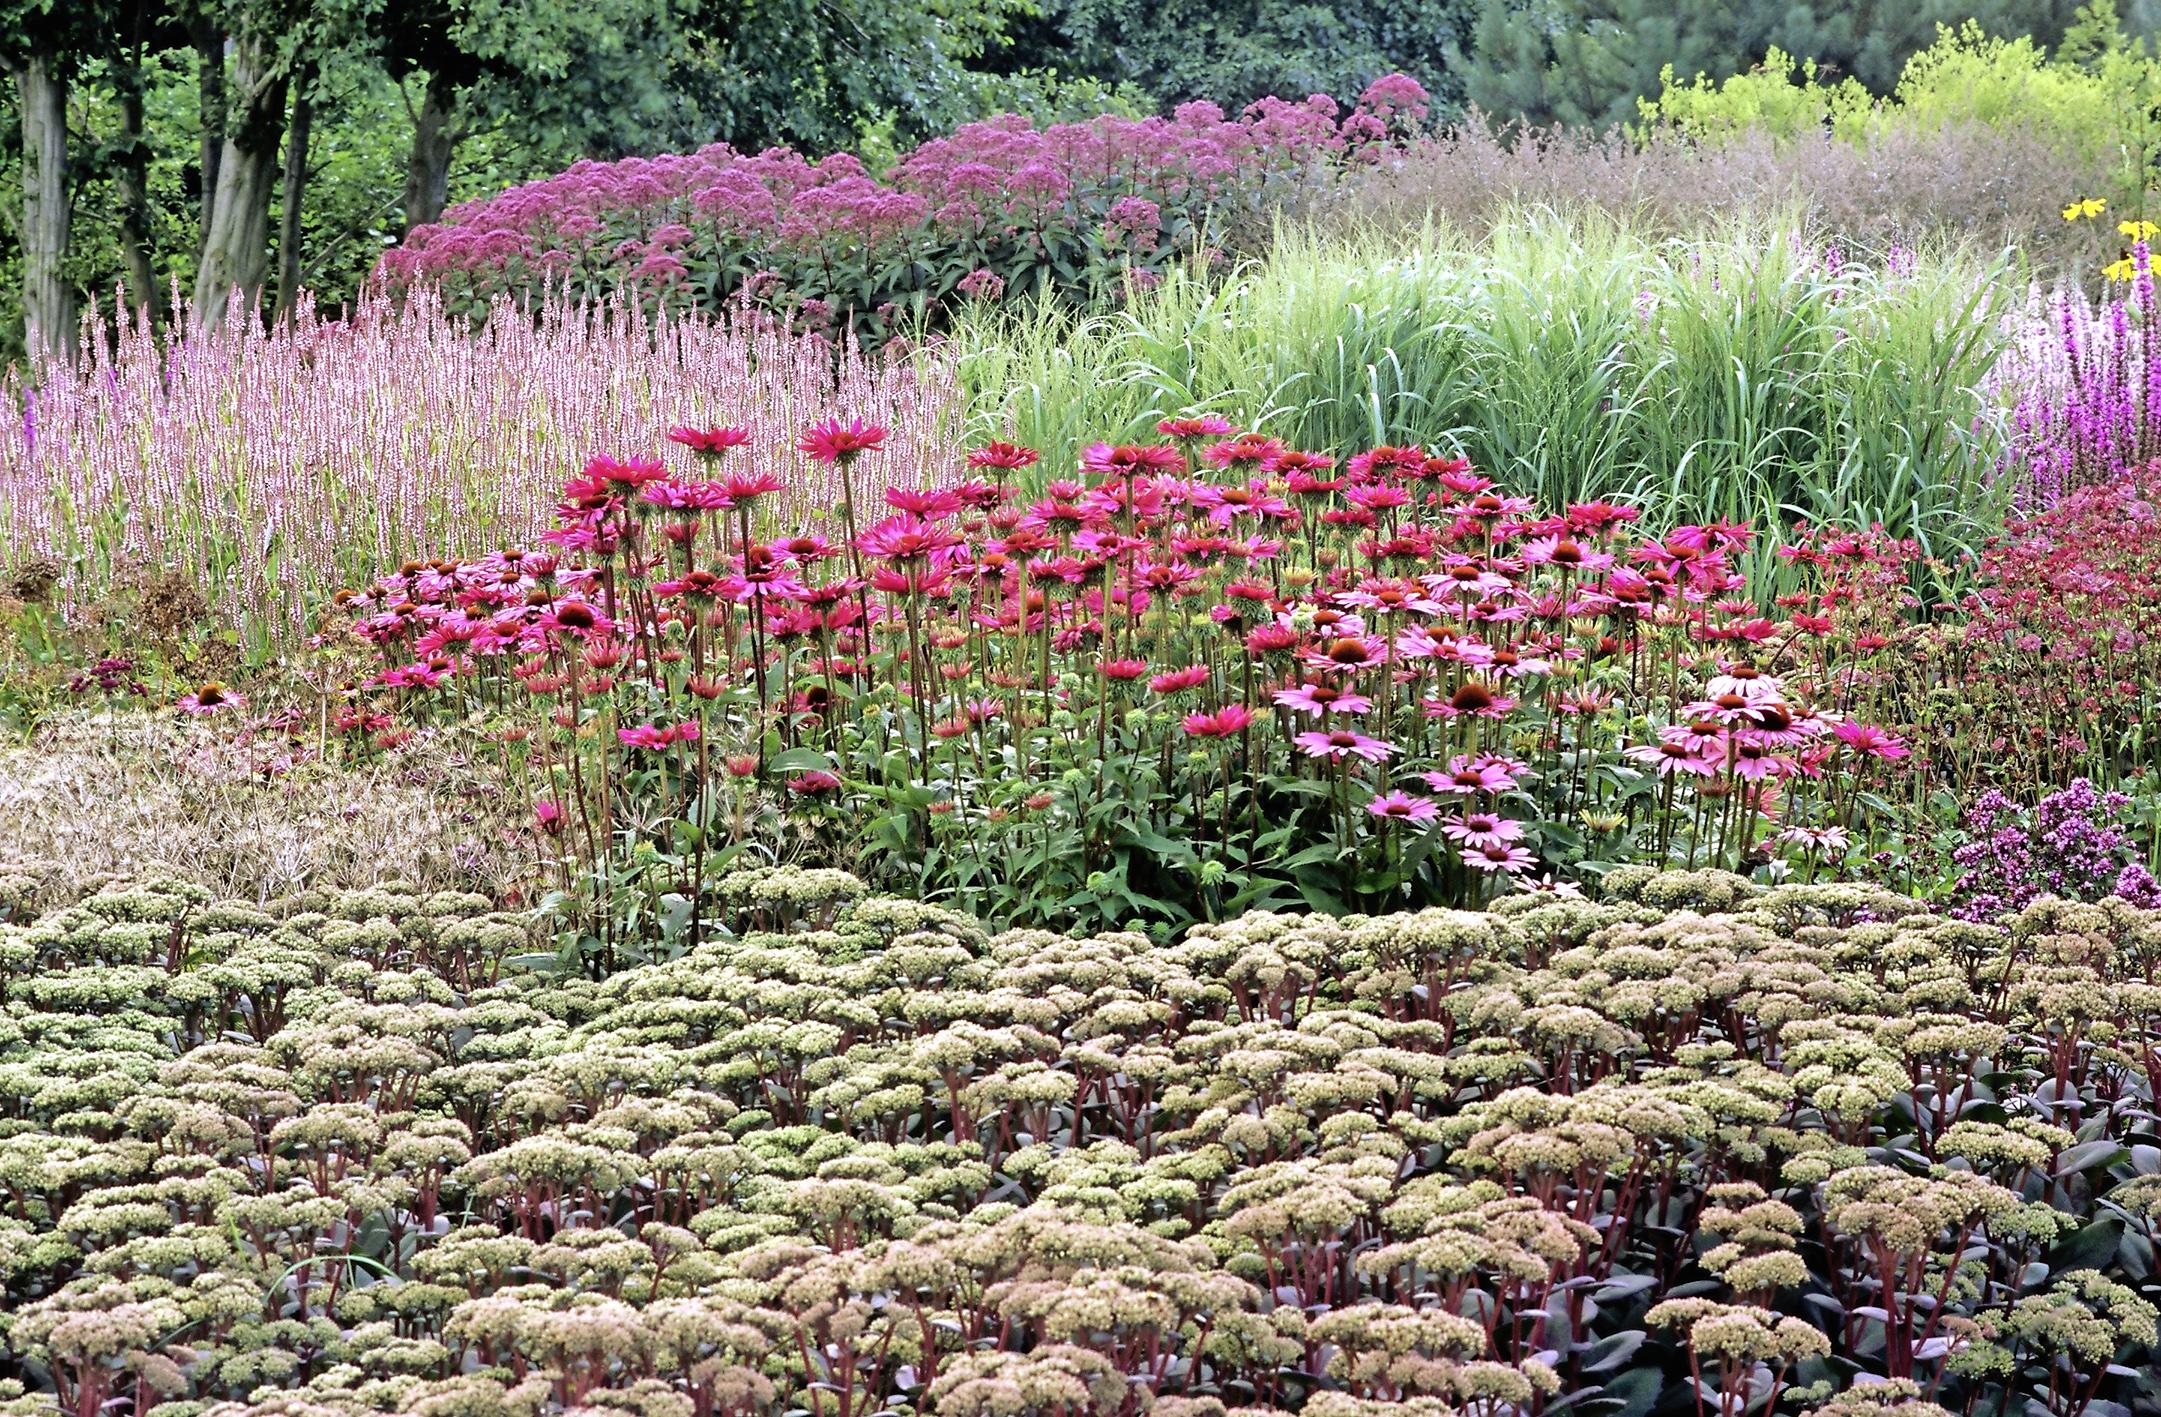 Pensthorpe Millennium Garden in autumn with Echinacea, grasses, Sedum eupatorium and lythrum